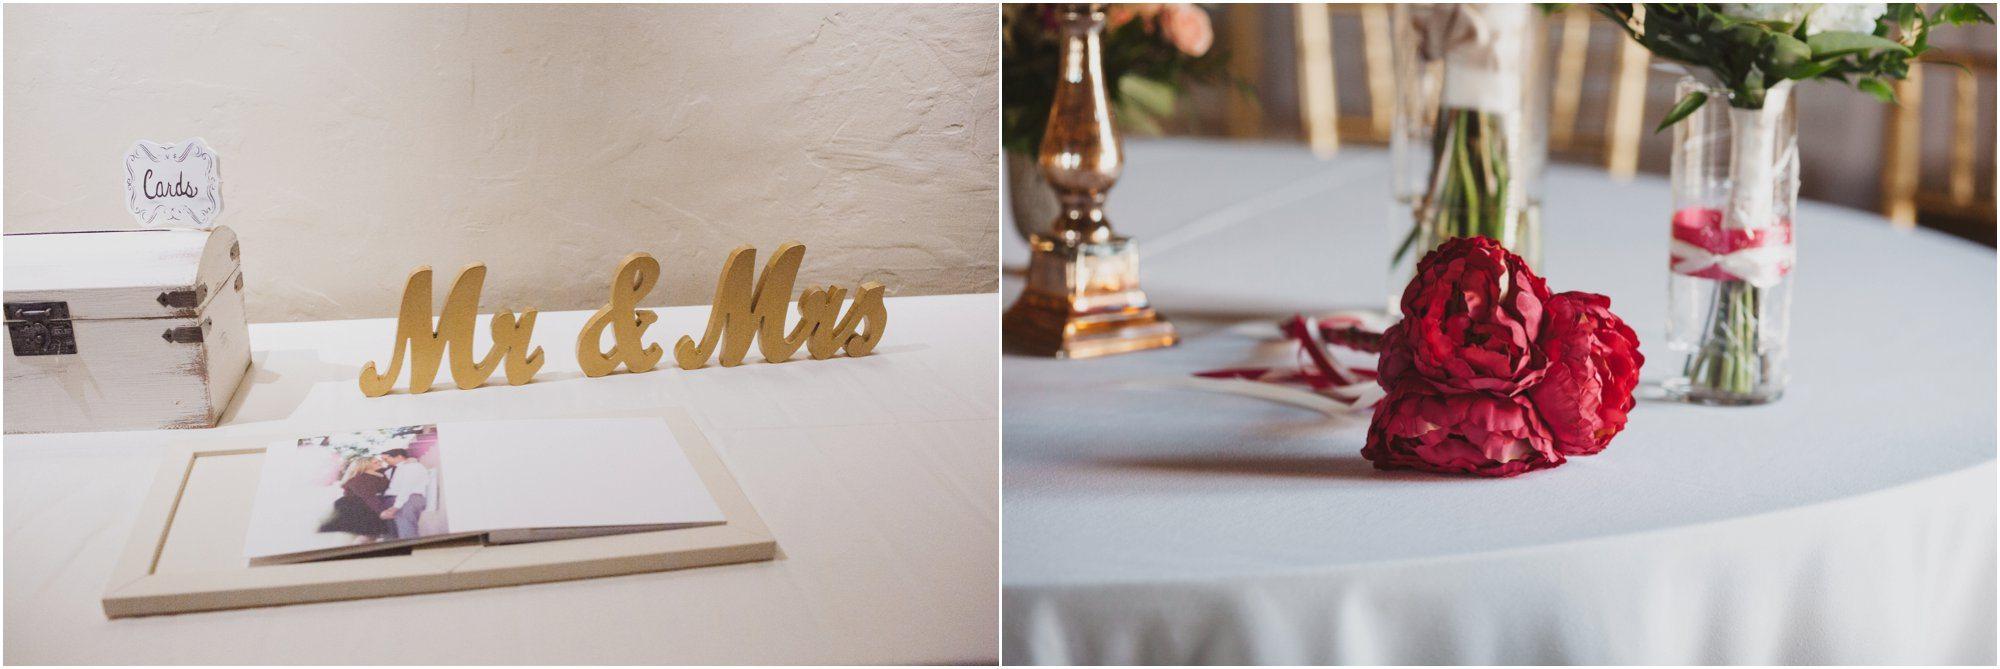 0002albuquerque-wedding-photography_-santa-fe-wedding-photographer_-blue-rose-studio